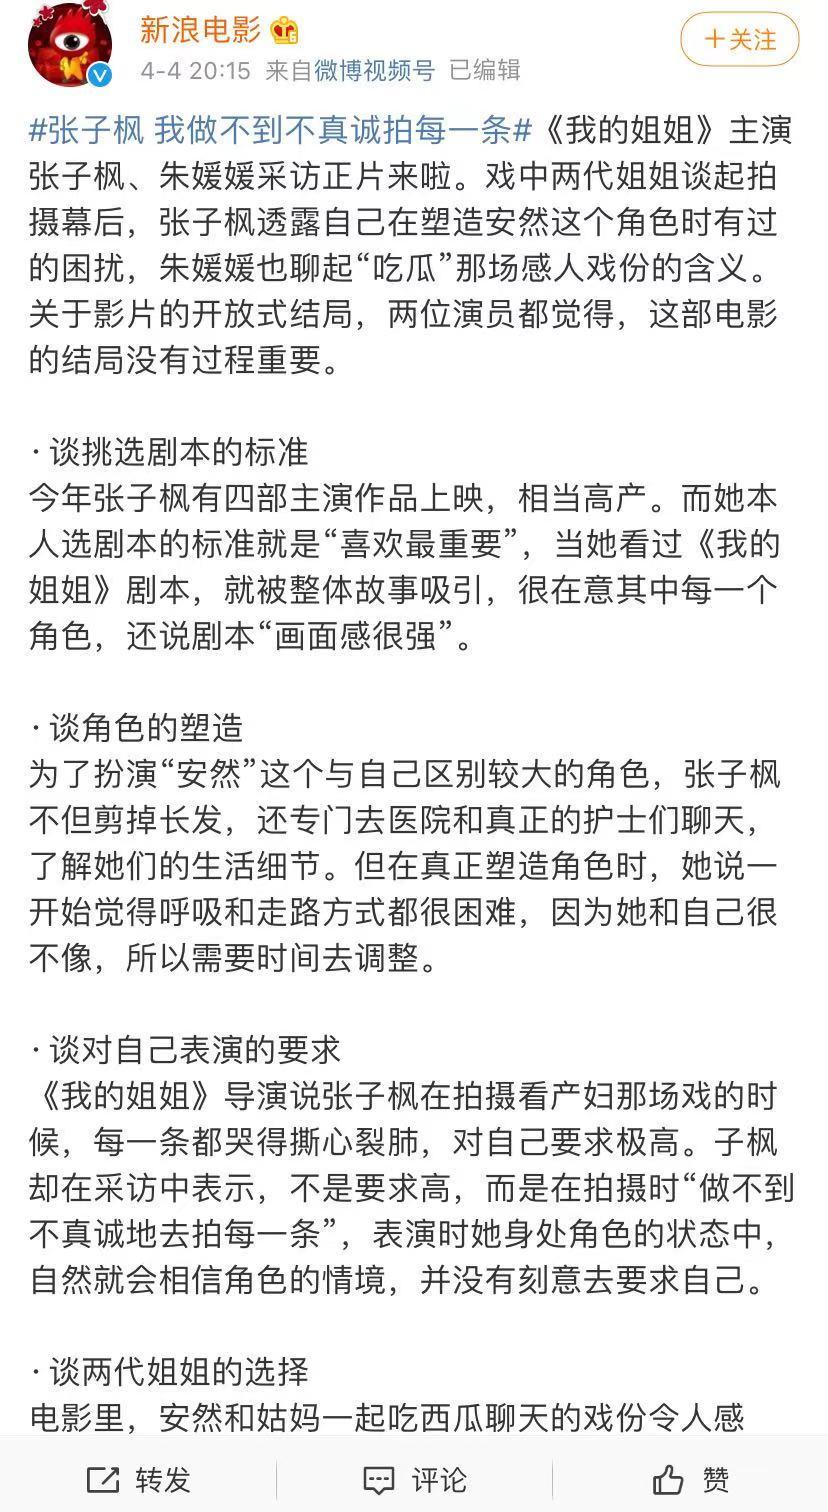 《我的姐姐》张子枫发表幕后感想肖战发文怒斥私生饭娱乐圈怎么了